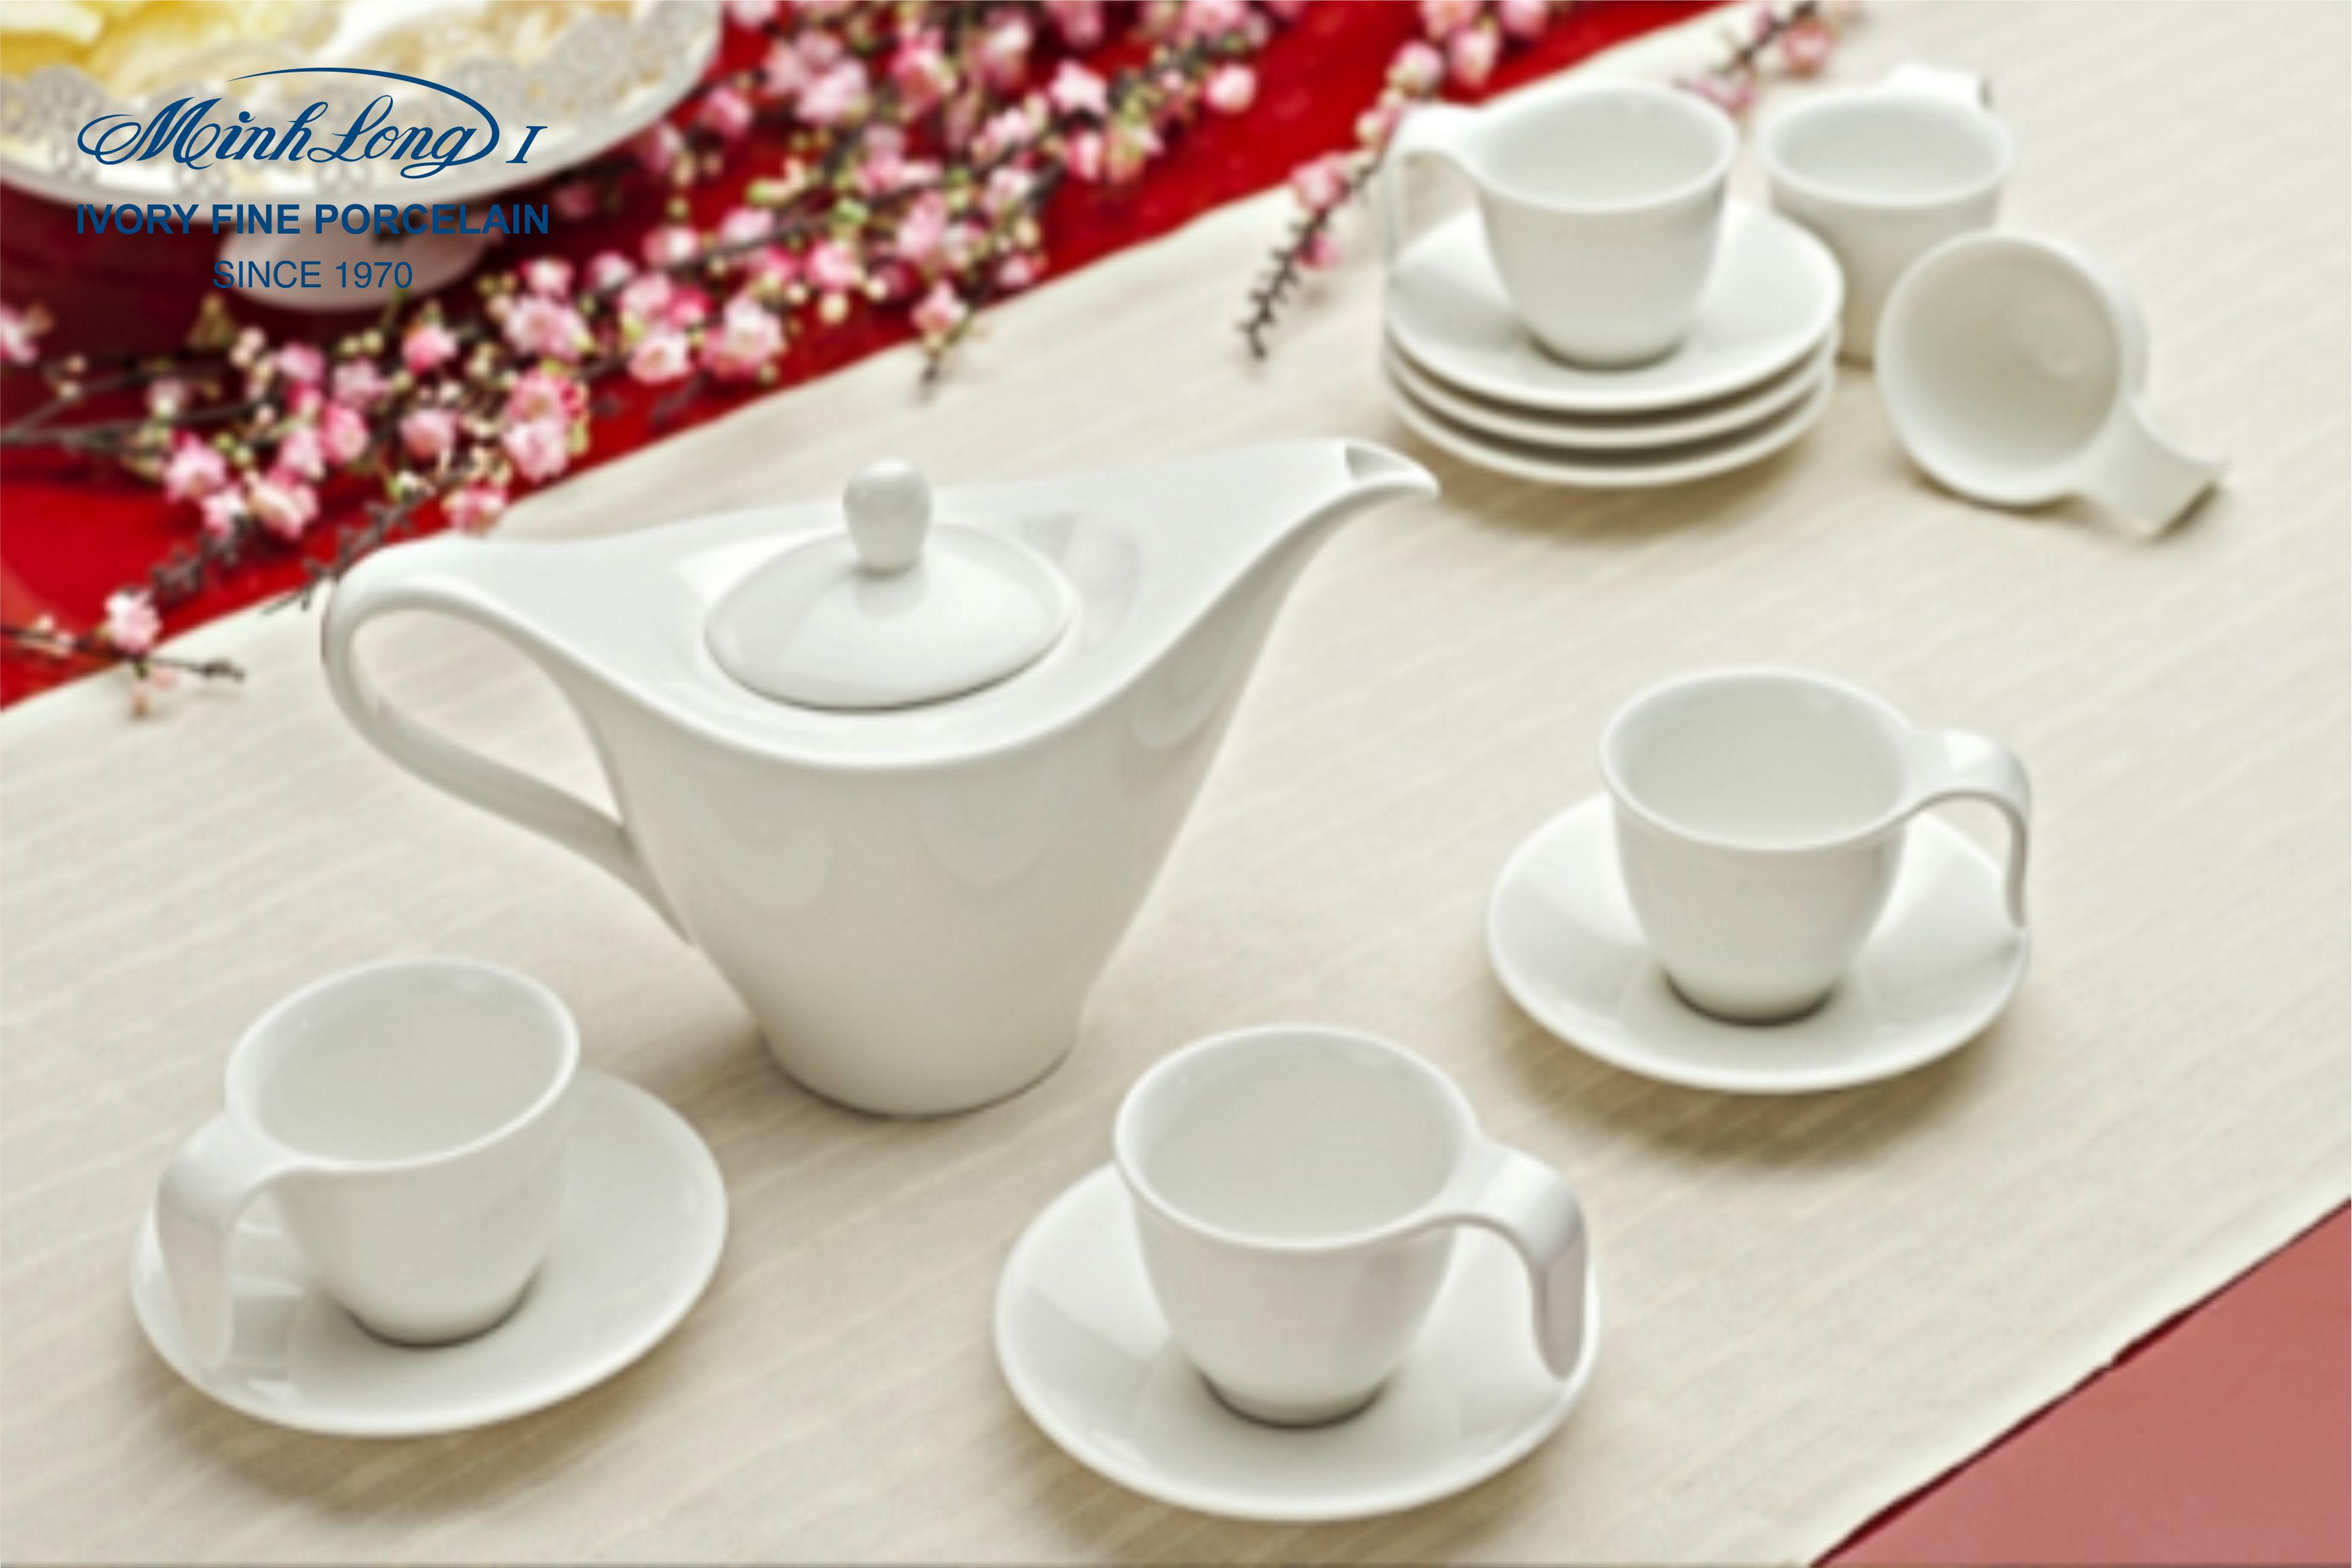 Bộ bình Cafe 0,45L Anh Vũ Trắng Ngà 01459800003 Minh Long